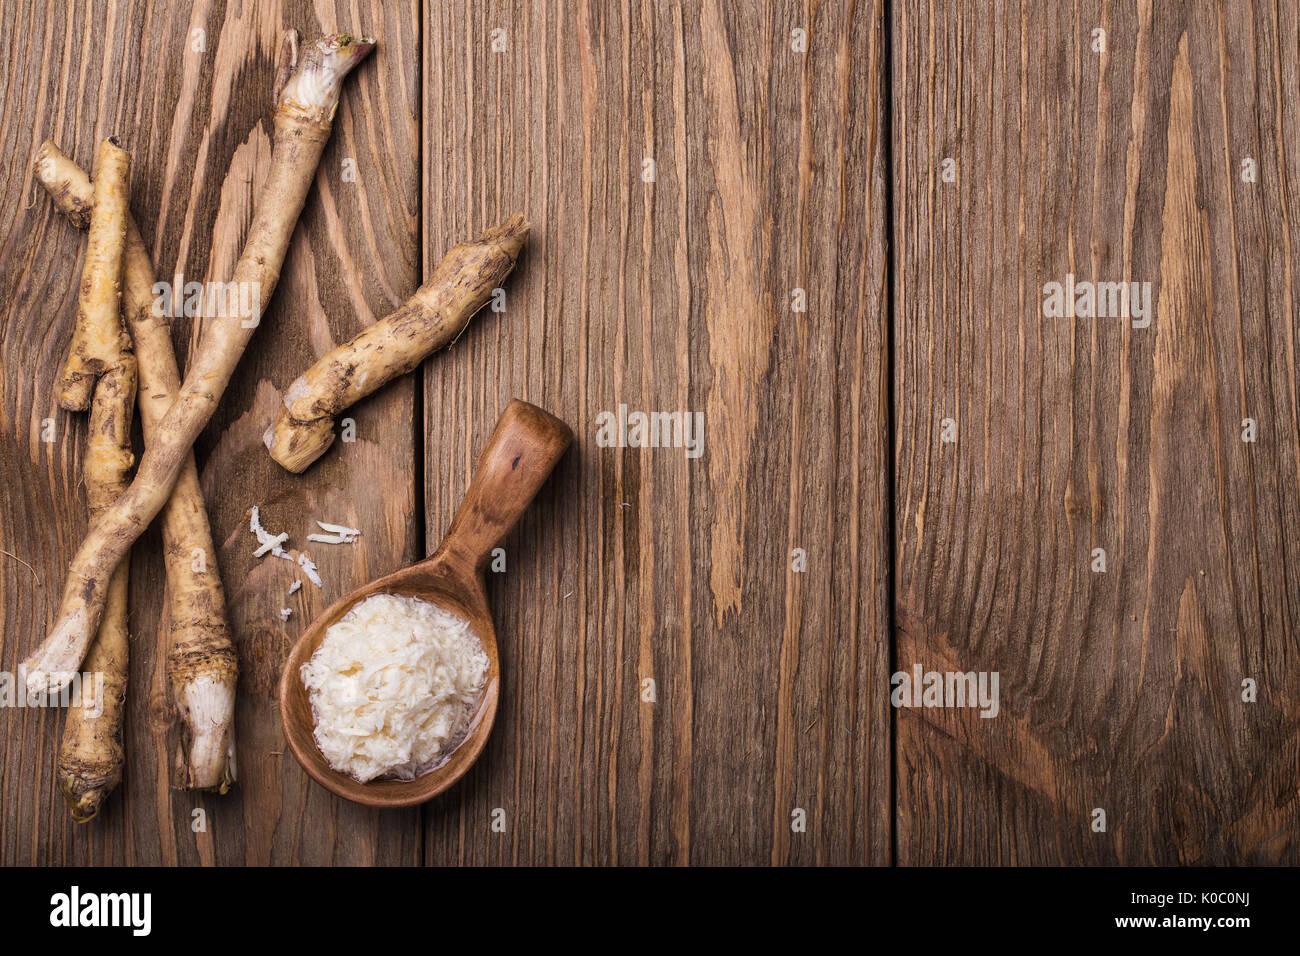 Assaisonnement de raifort râpé avec l'espace pour le texte Photo Stock